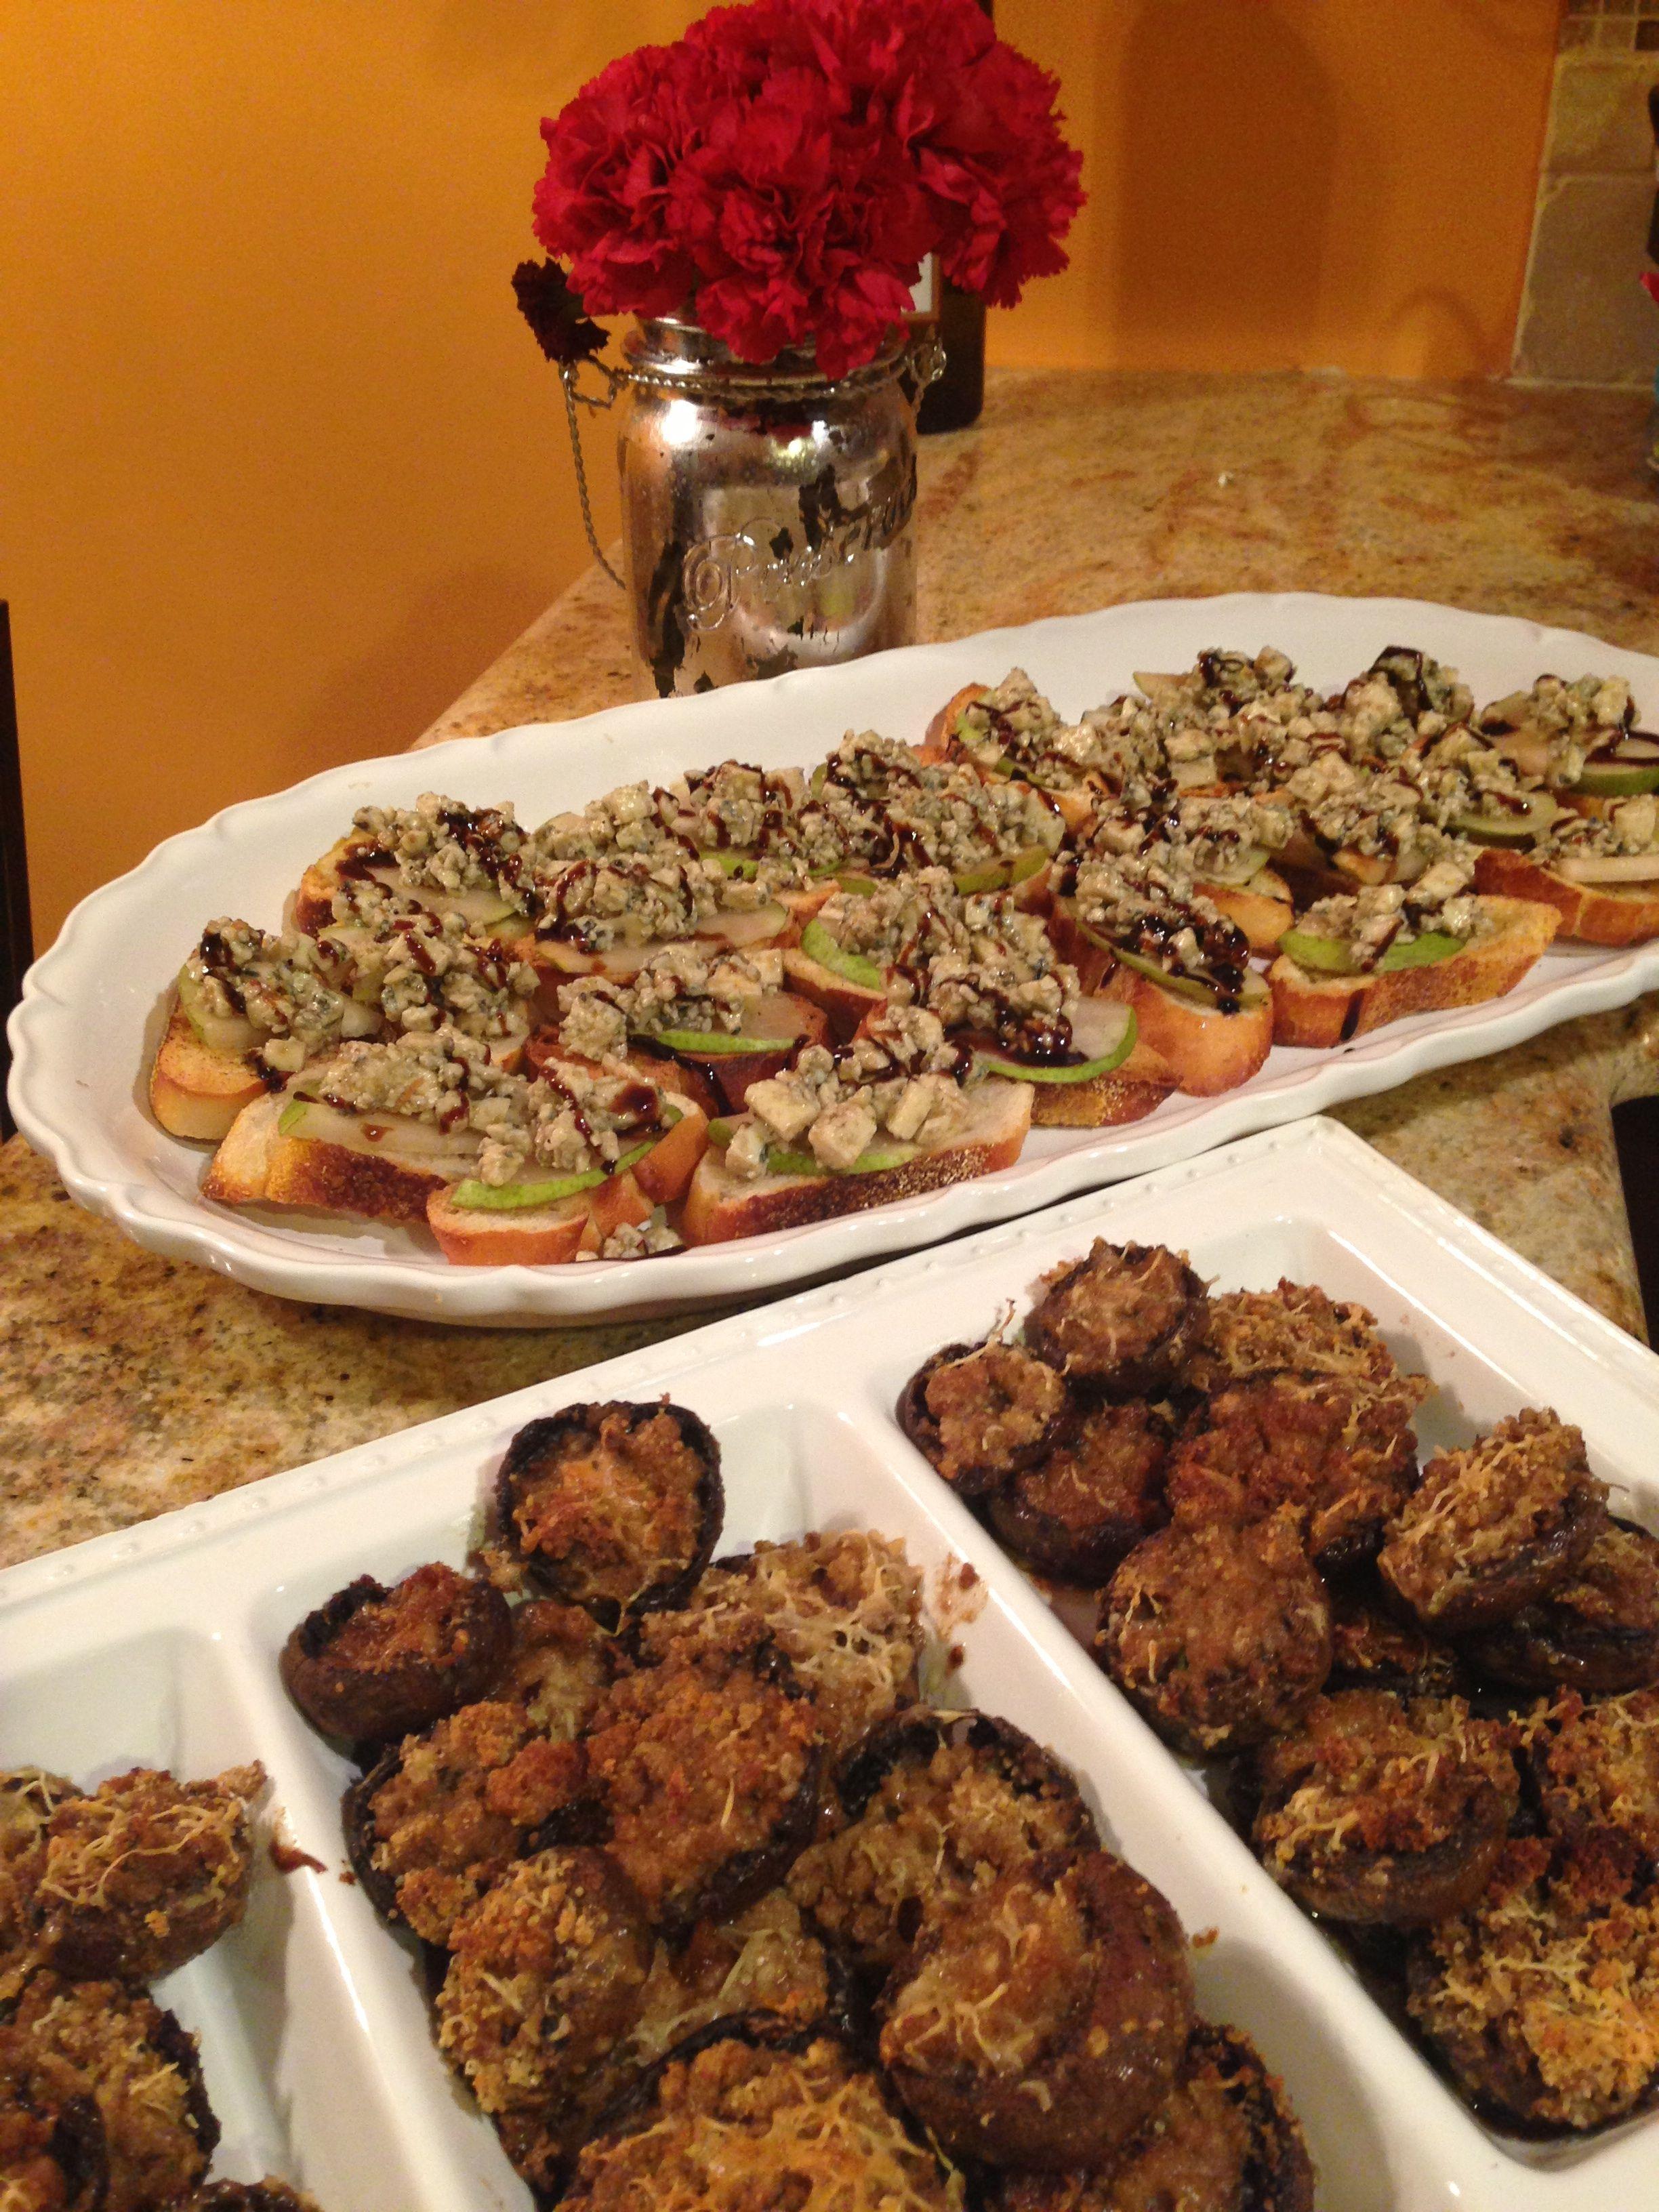 Stuffed marsala mushrooms recipe mushrooms everyday food and food forumfinder Images